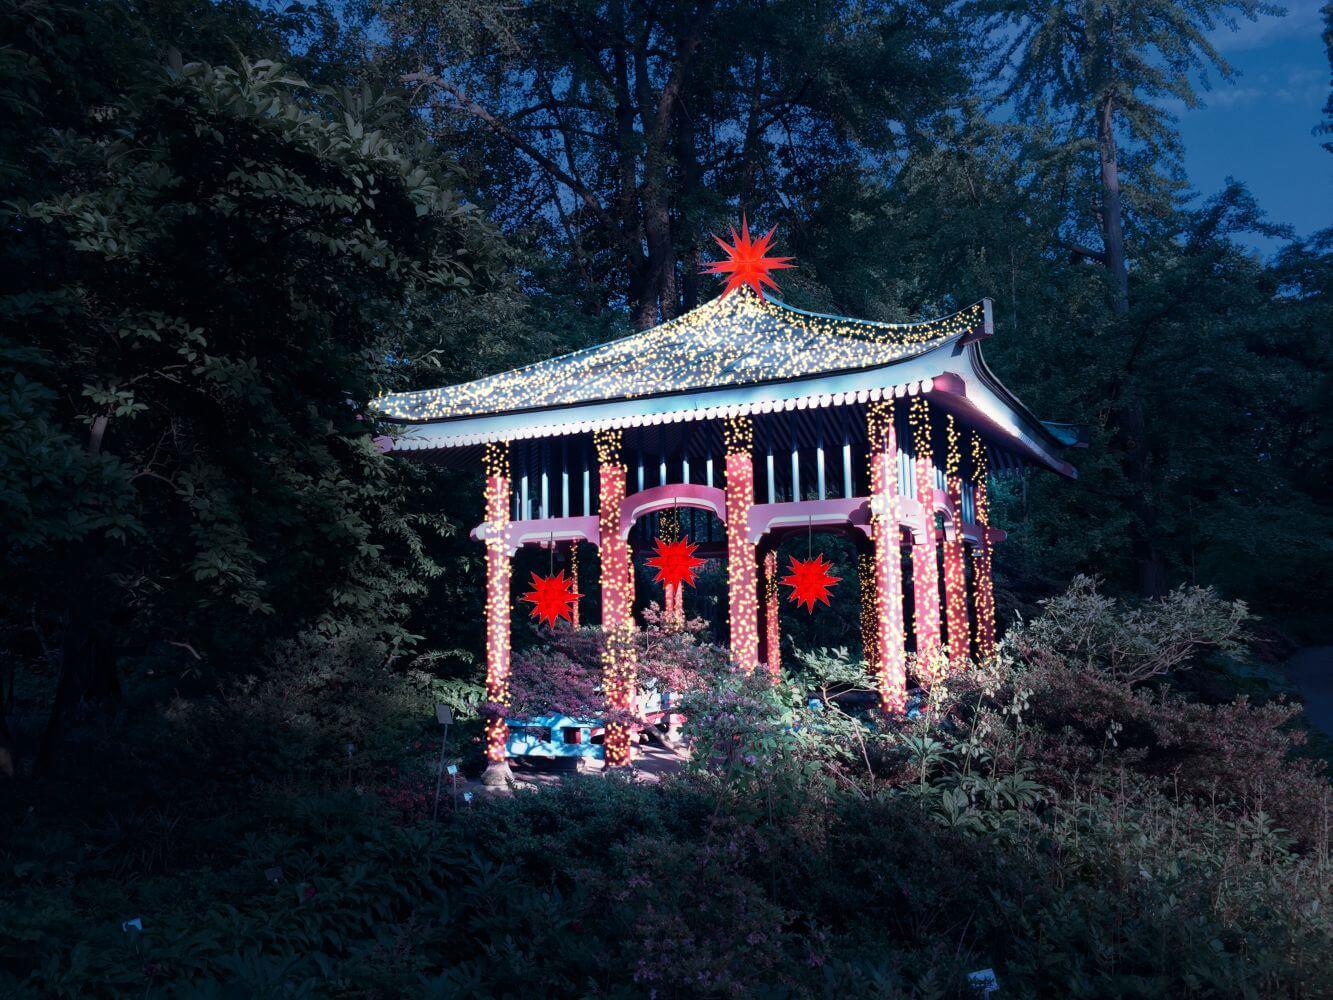 christmas garden berlin der botanische garten wird zum weihnachtlichen m rchenland. Black Bedroom Furniture Sets. Home Design Ideas